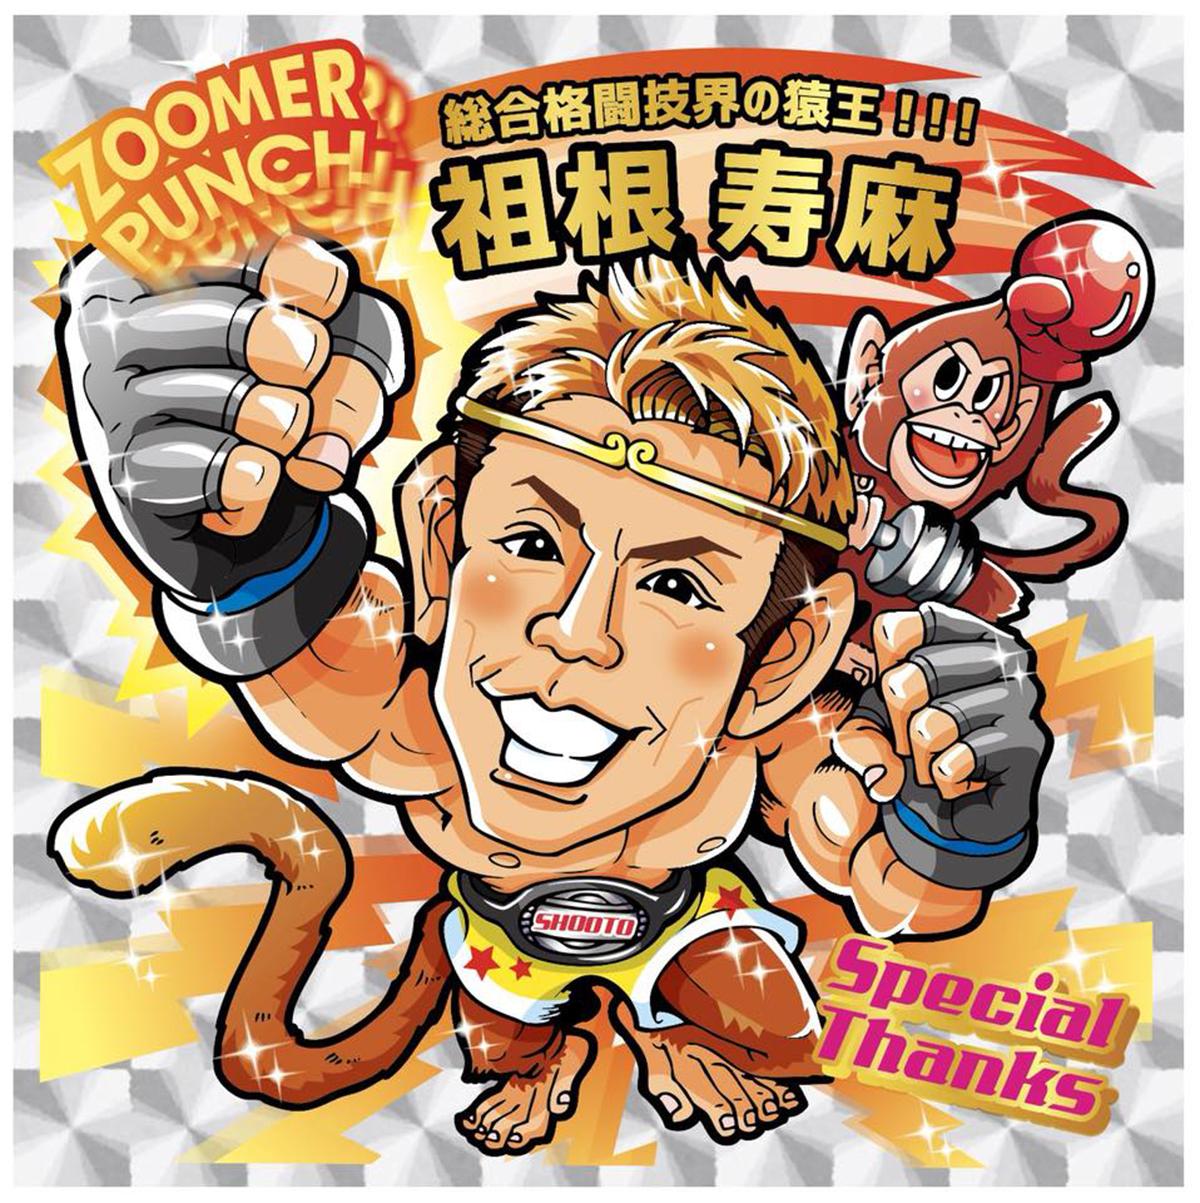 祖根寿麻選手  キラキラシール